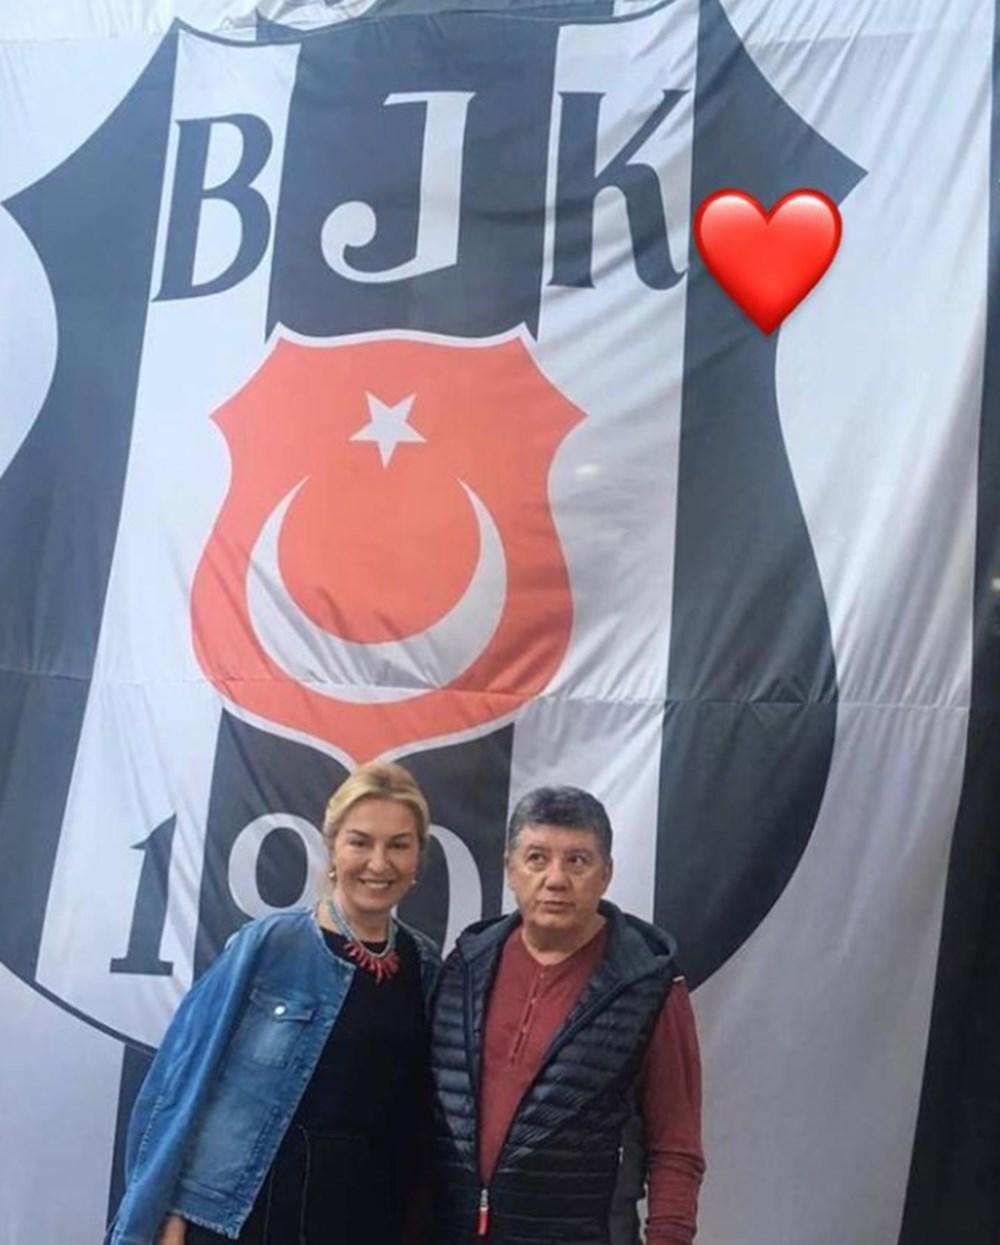 Ünlülerden Beşiktaş'ın şampiyonluk paylaşımları - 14